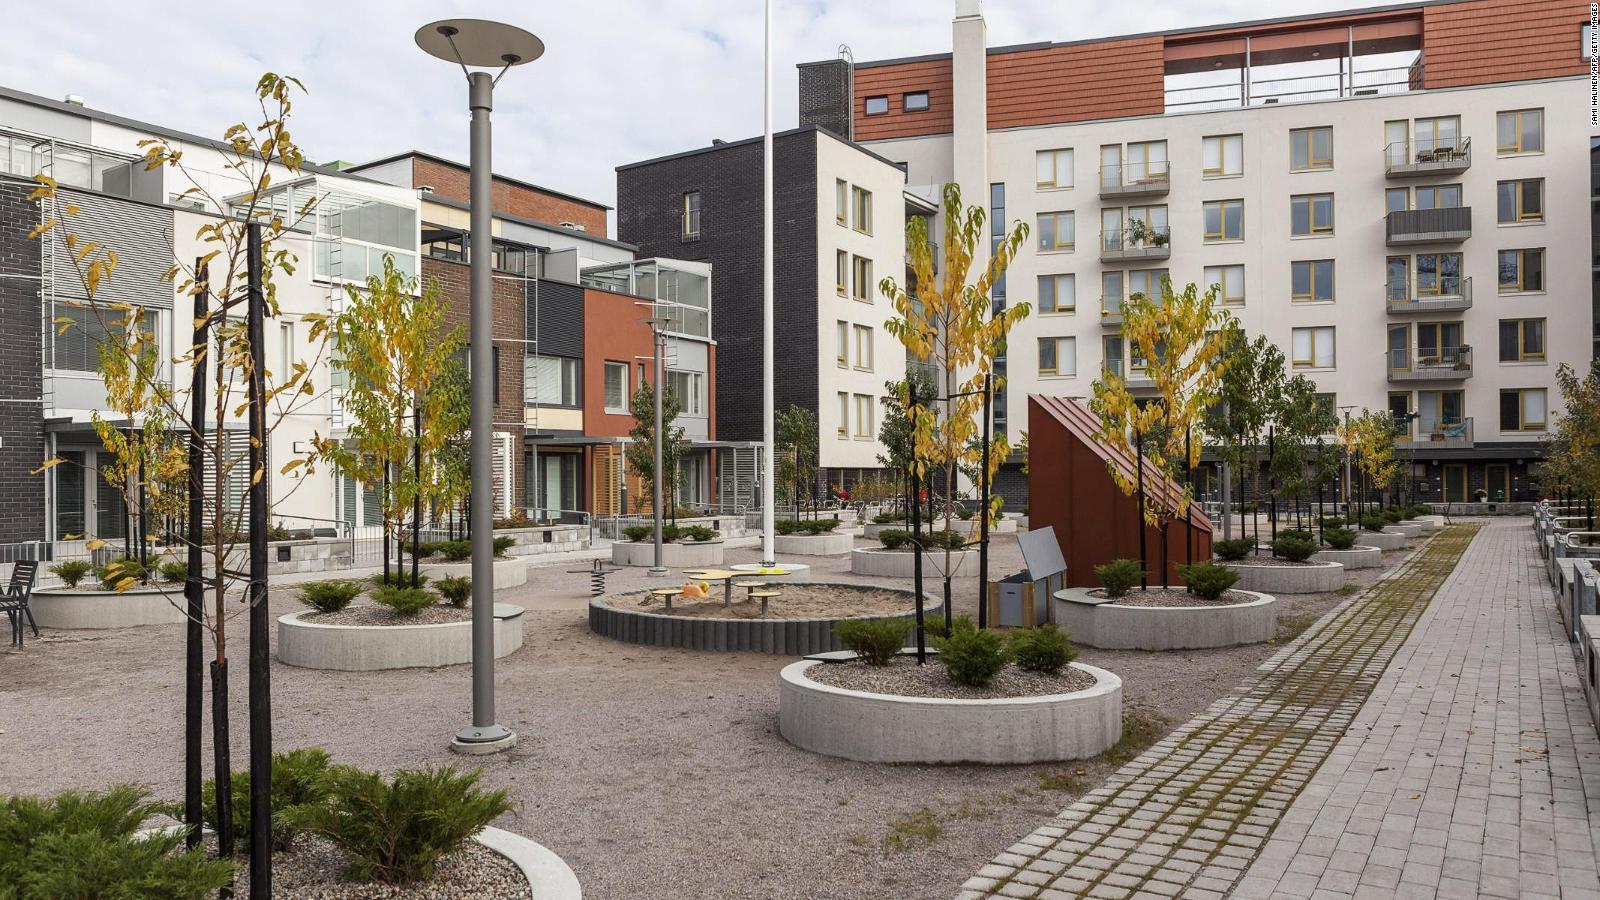 Stadtansicht der finnischen Stadt Kalasatama